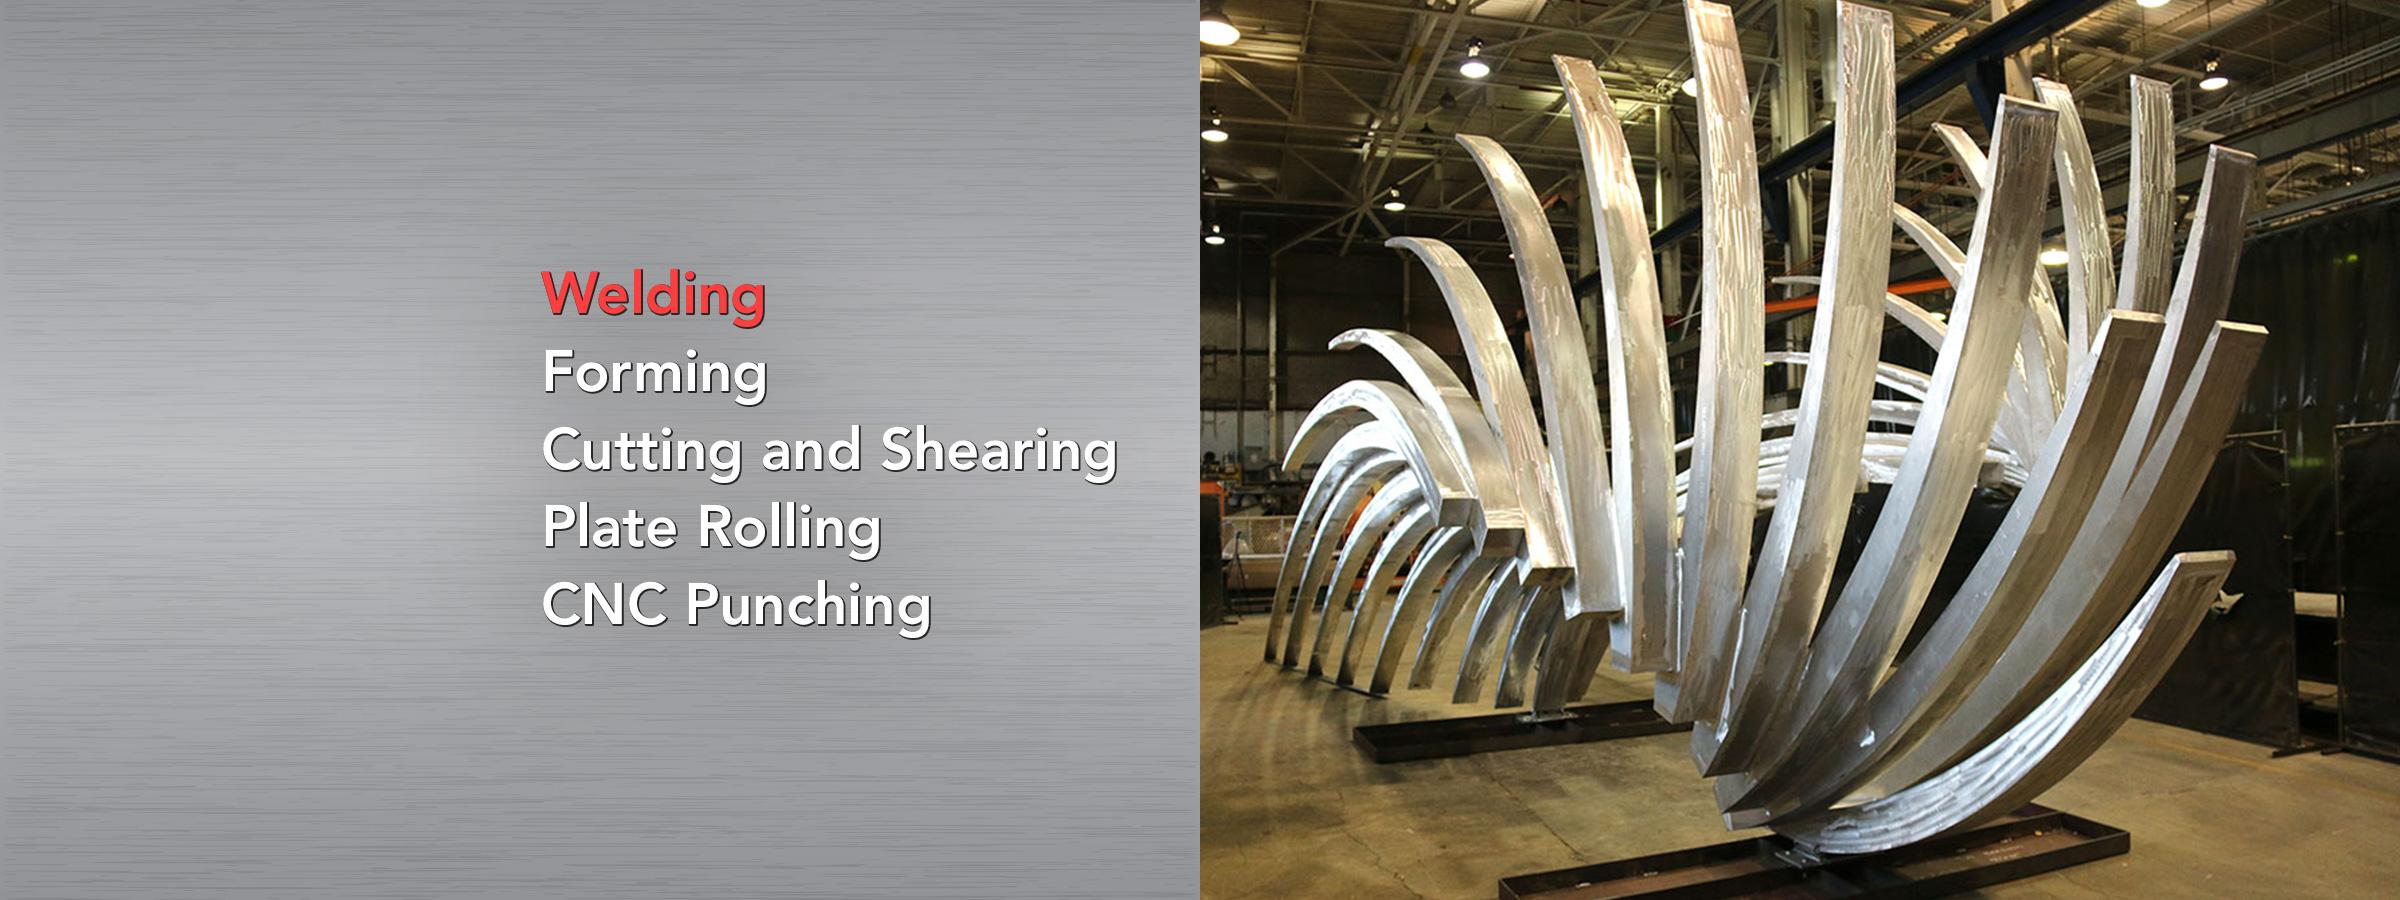 slider-2015-welding-1